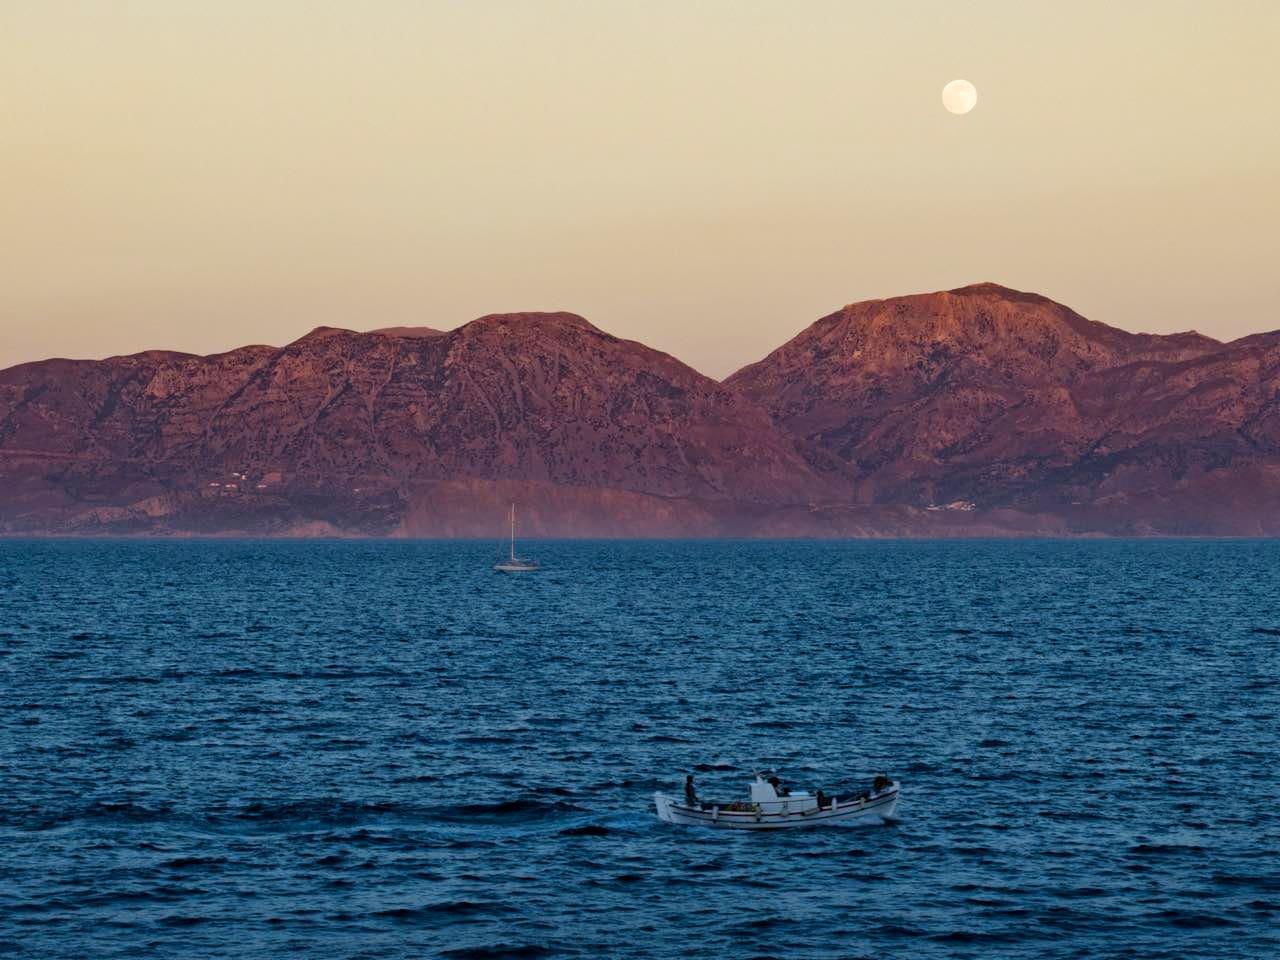 Κalimera from lovely Agios Nikolaos-Crete